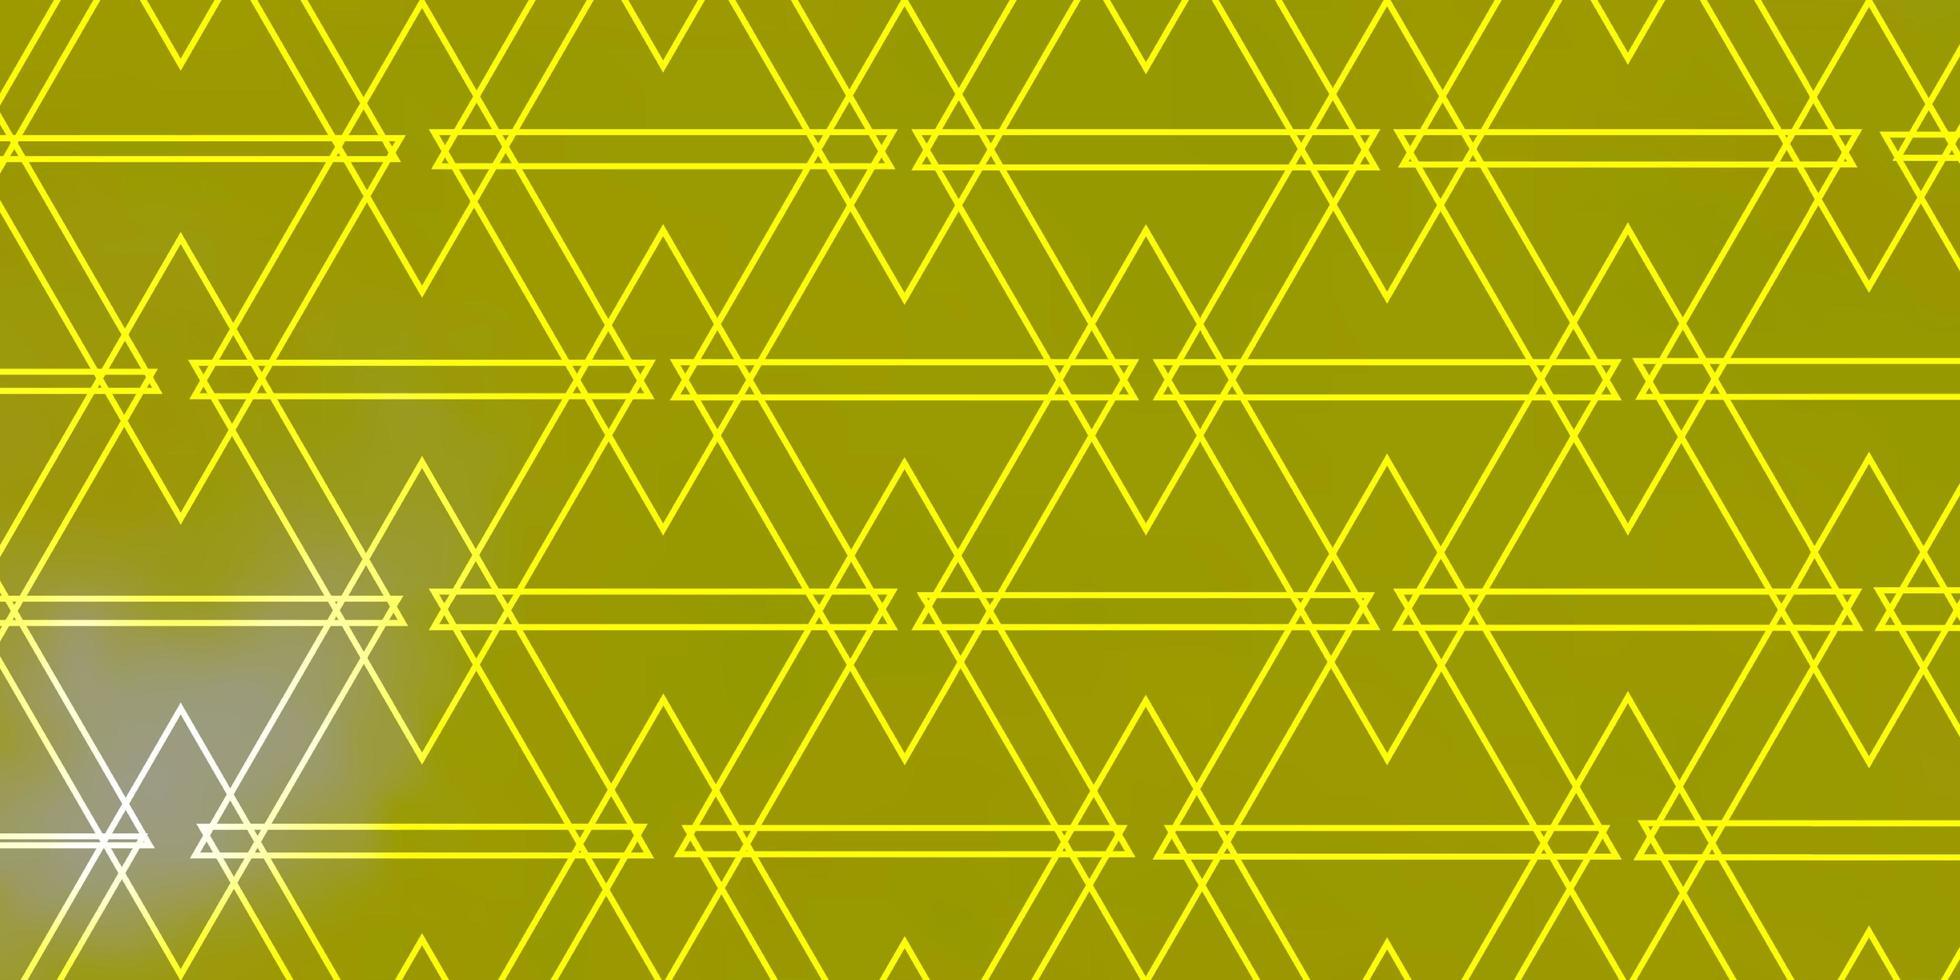 ljus gul vektor bakgrund med trianglar.